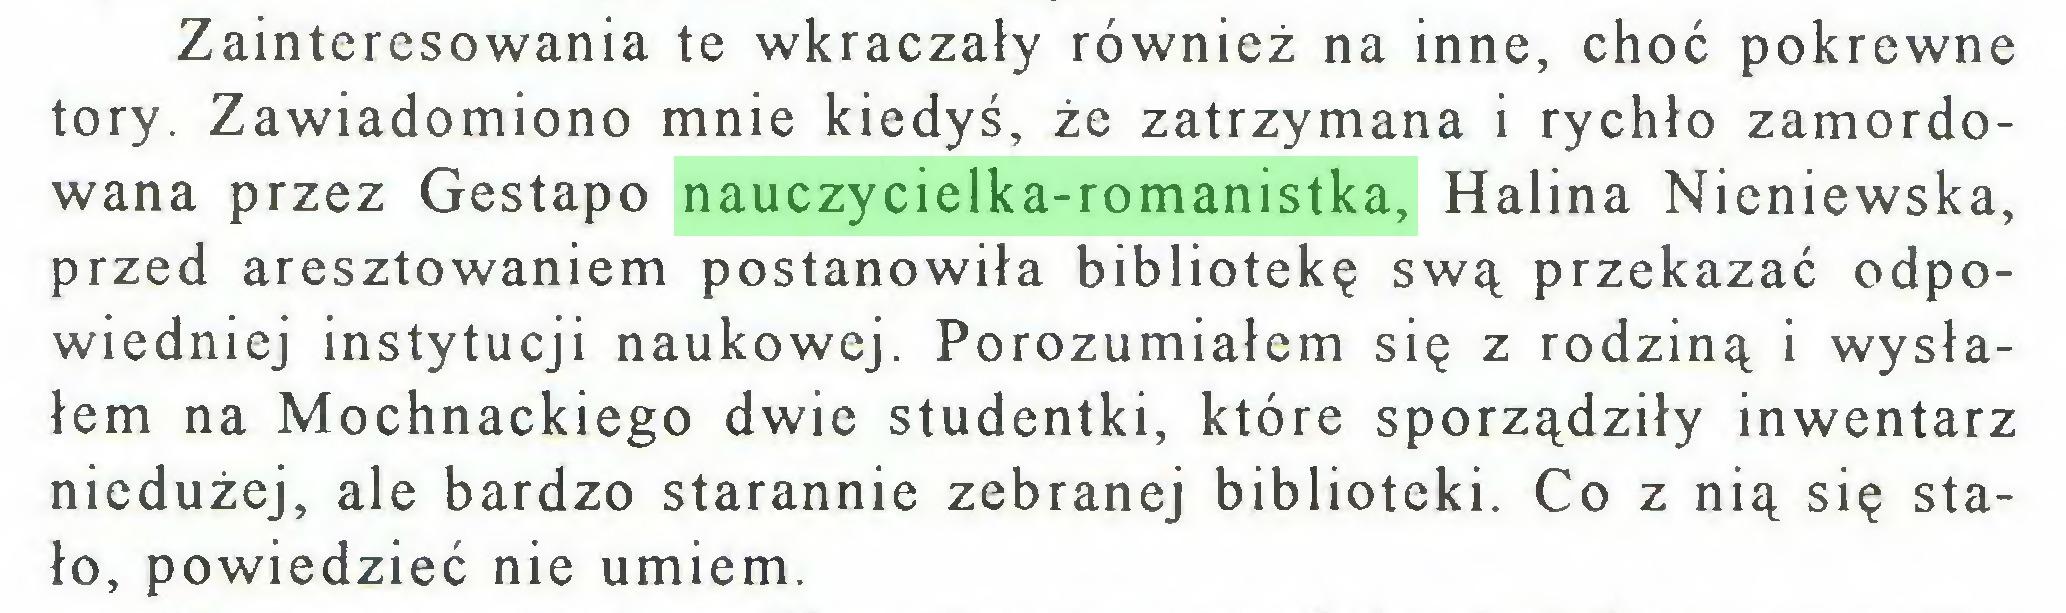 (...) Zainteresowania te wkraczały również na inne, choć pokrewne tory. Zawiadomiono mnie kiedyś, że zatrzymana i rychło zamordowana przez Gestapo nauczycielka-romanistka, Halina Nieniewska, przed aresztowaniem postanowiła bibliotekę swą przekazać odpowiedniej instytucji naukowej. Porozumiałem się z rodziną i wysłałem na Mochnackiego dwie studentki, które sporządziły inwentarz niedużej, ale bardzo starannie zebranej biblioteki. Co z nią się stało, powiedzieć nie umiem...